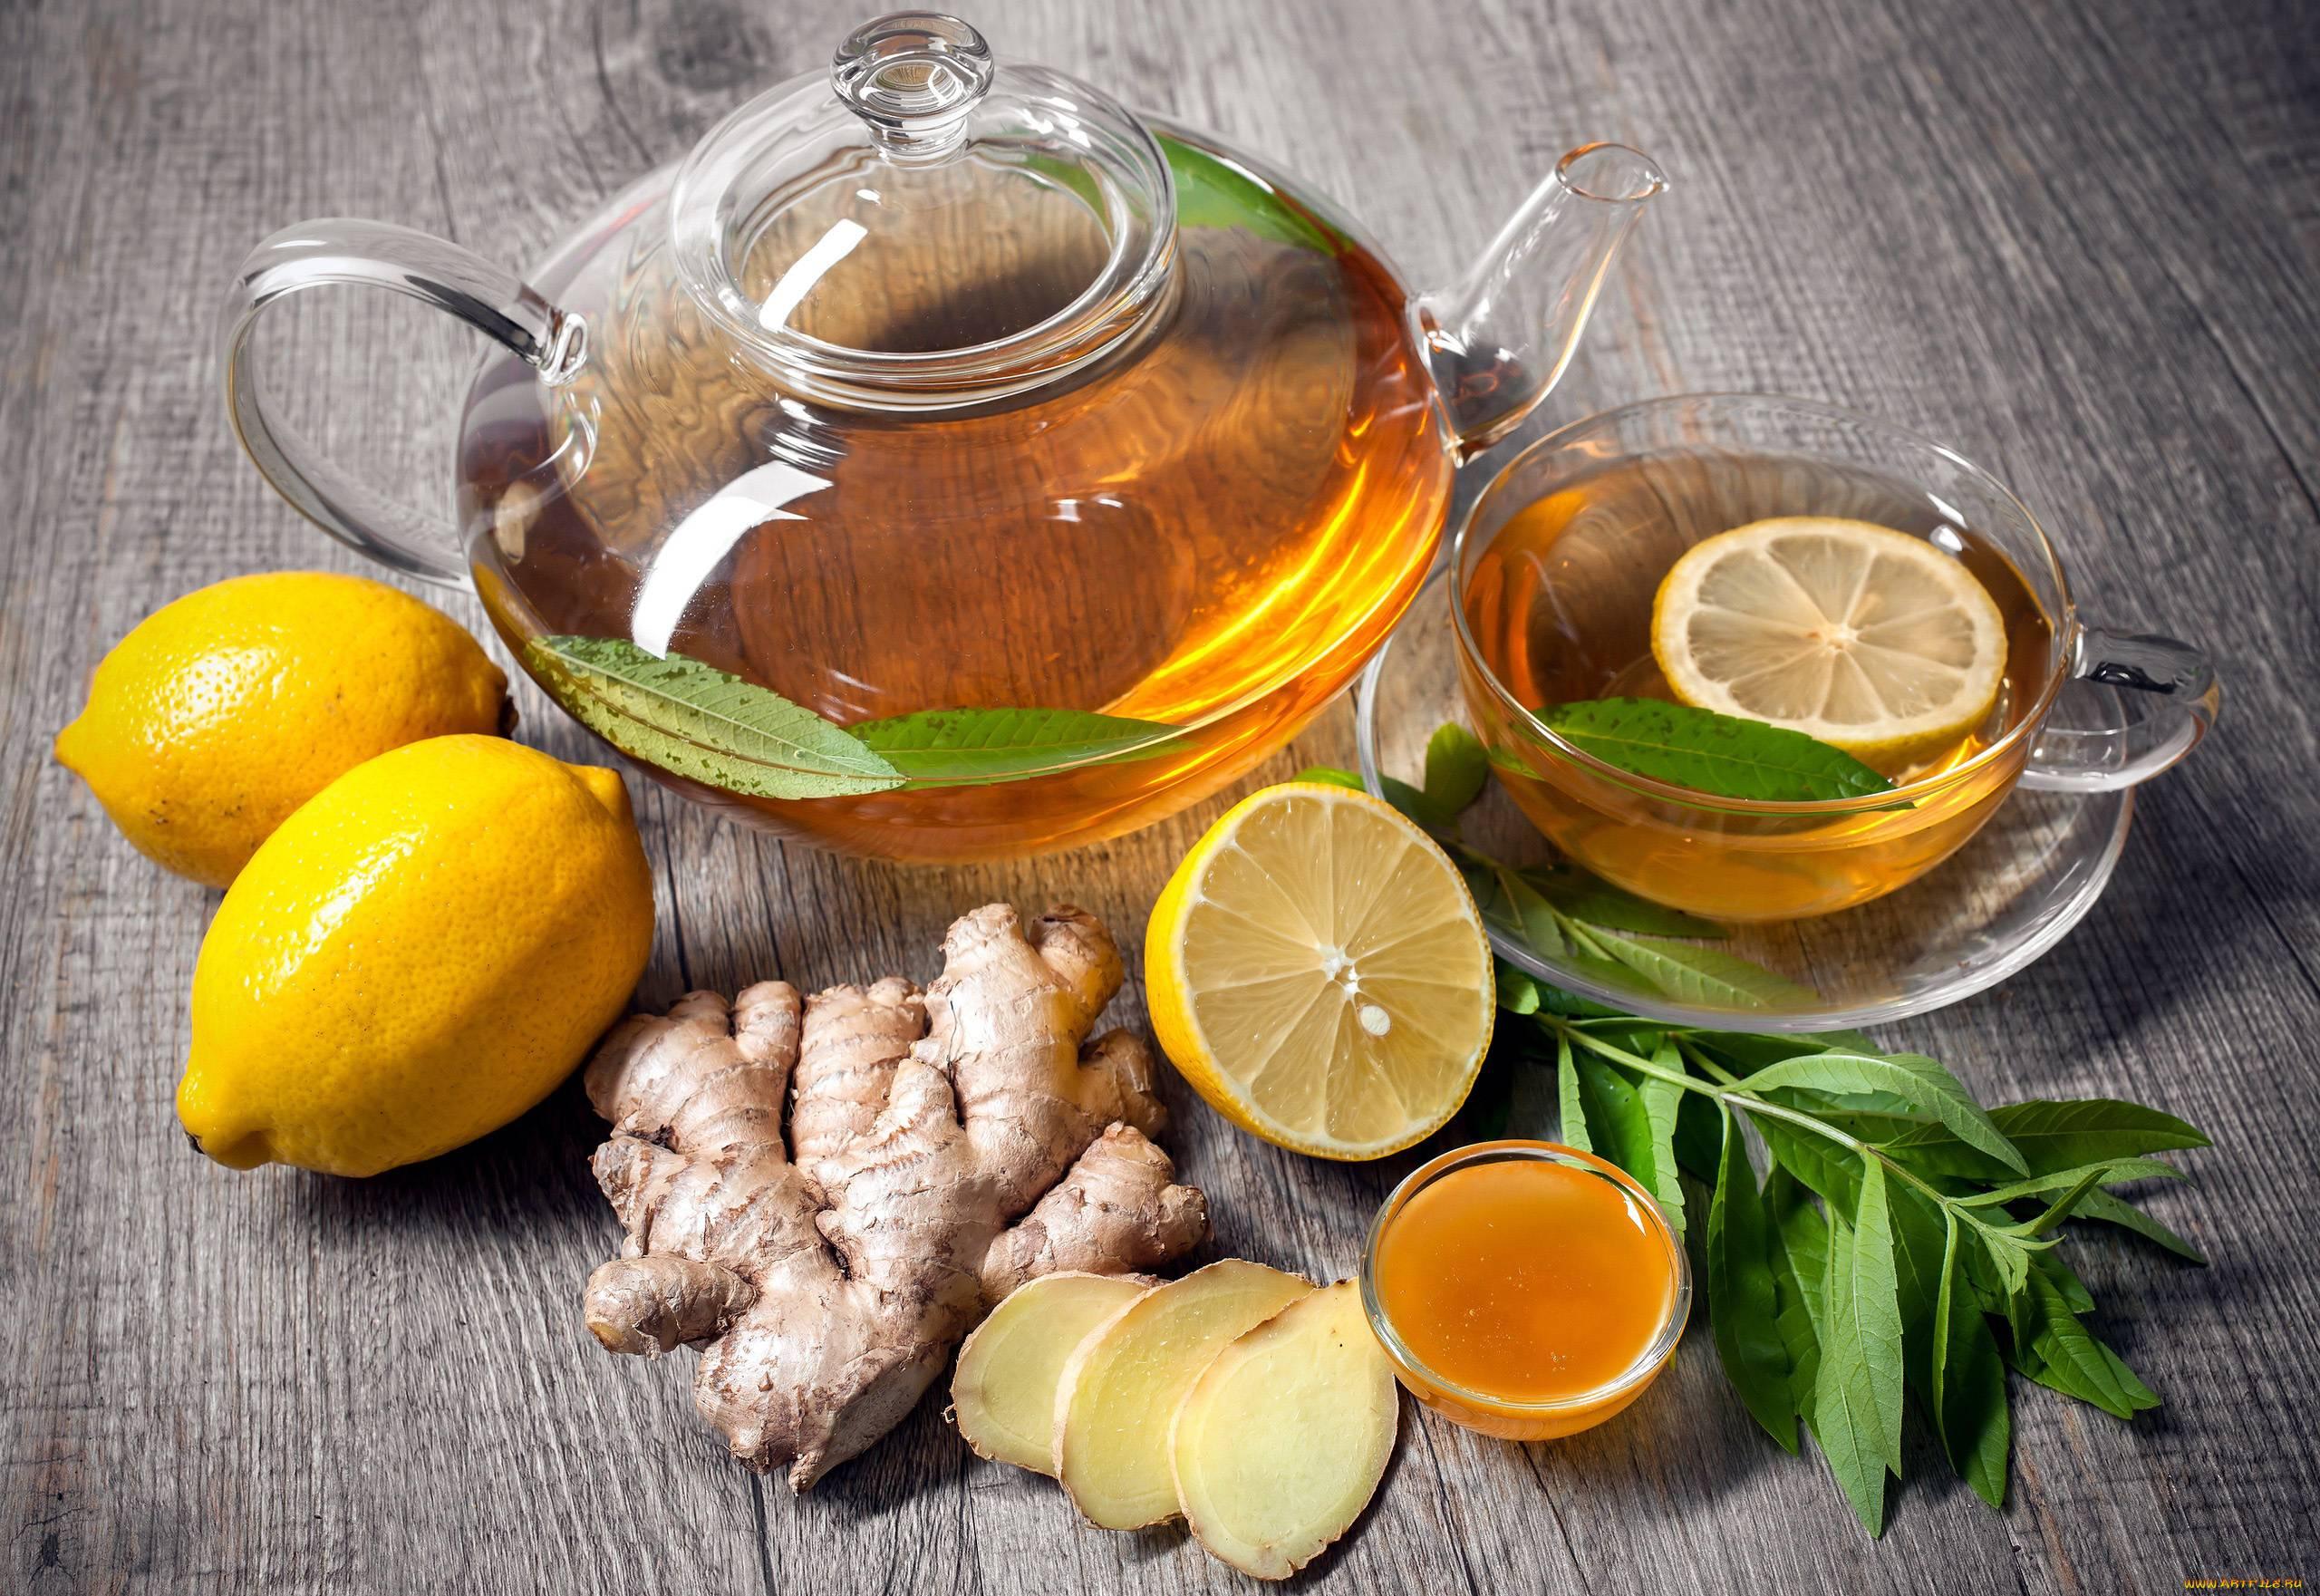 Чем полезен чай с медом?